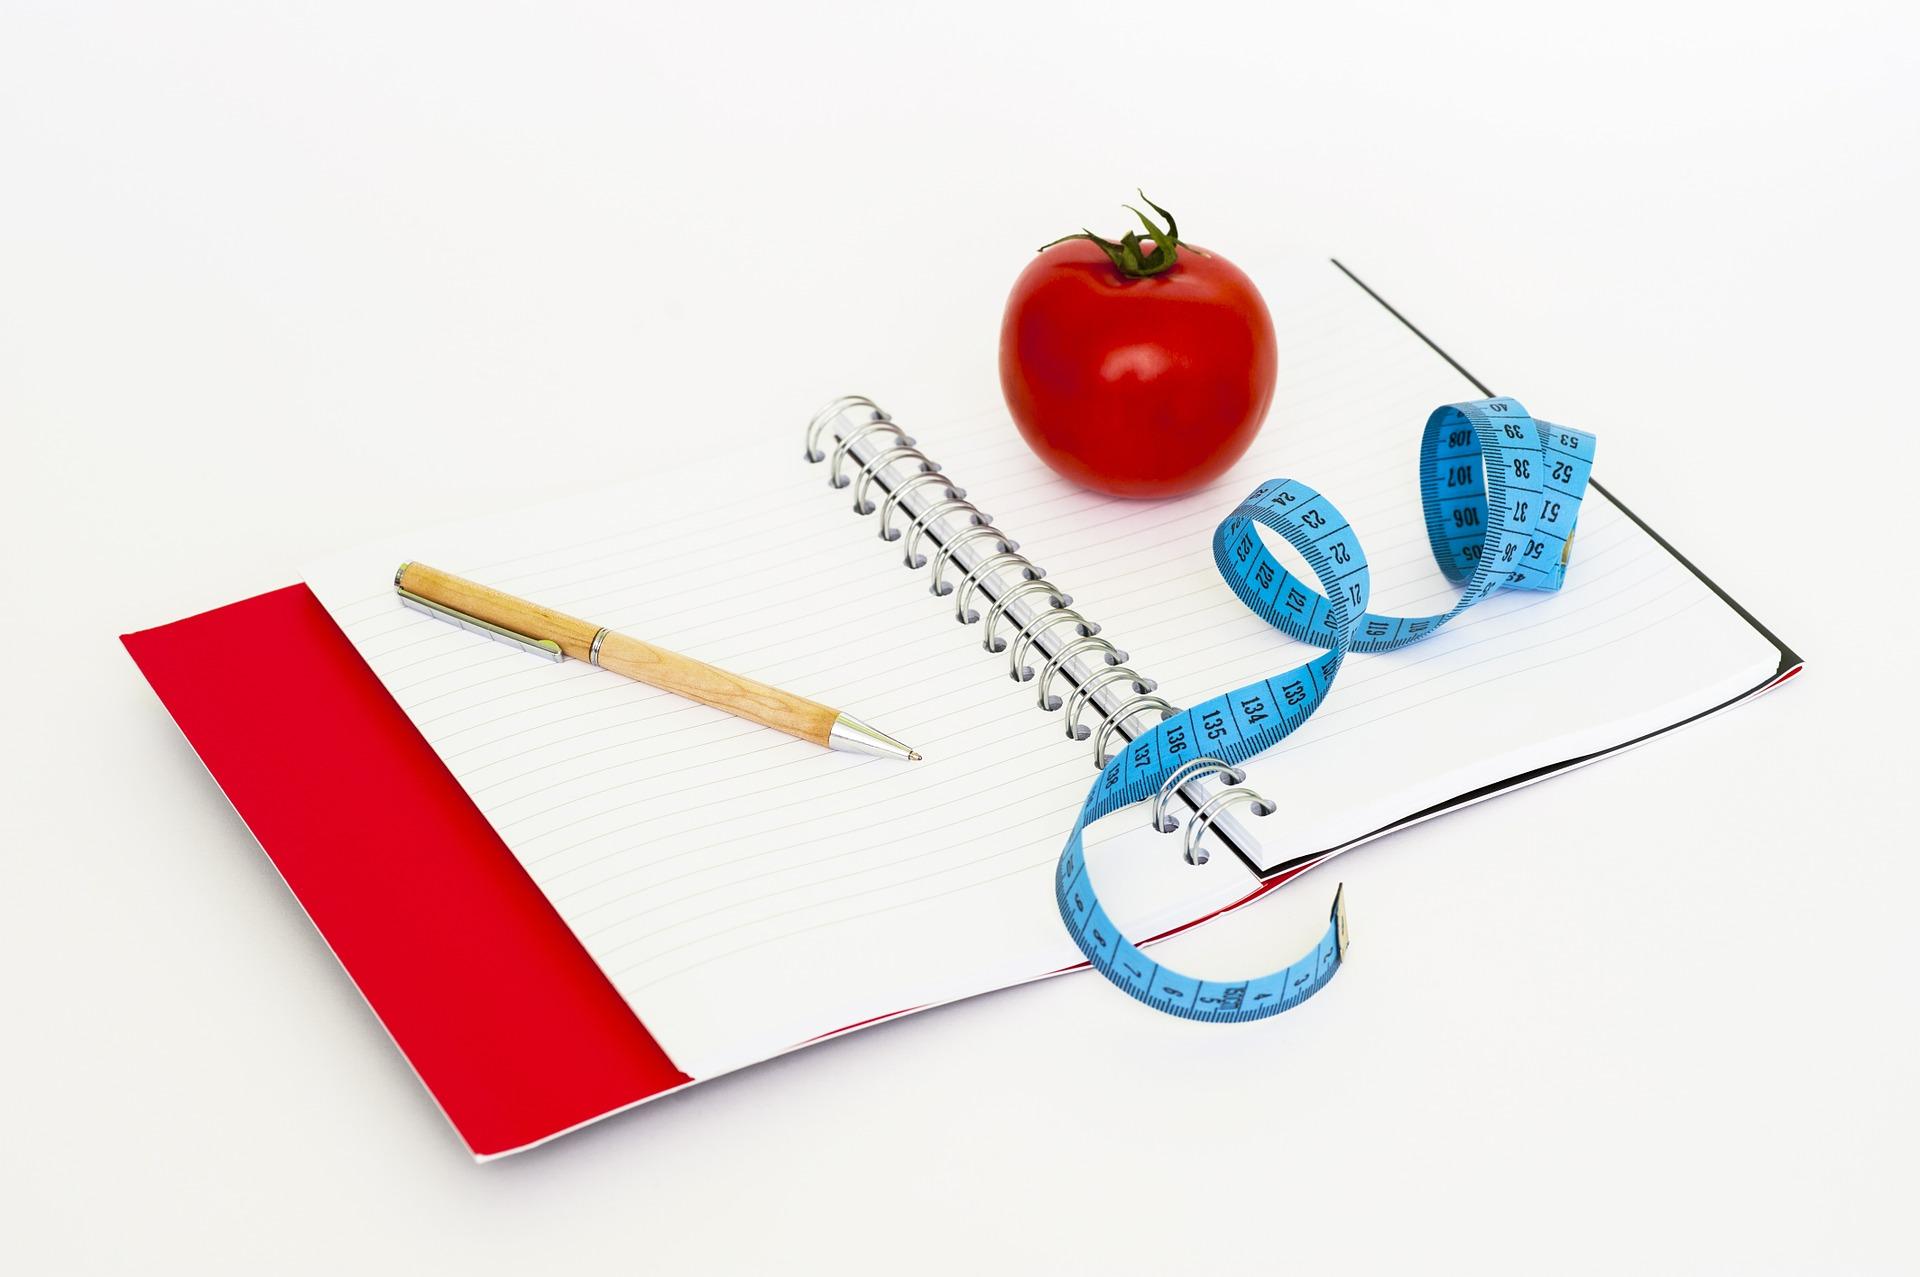 Réussir à perdre du poids et être prêtes pour l'été ! 6 astuces faciles pour débuter